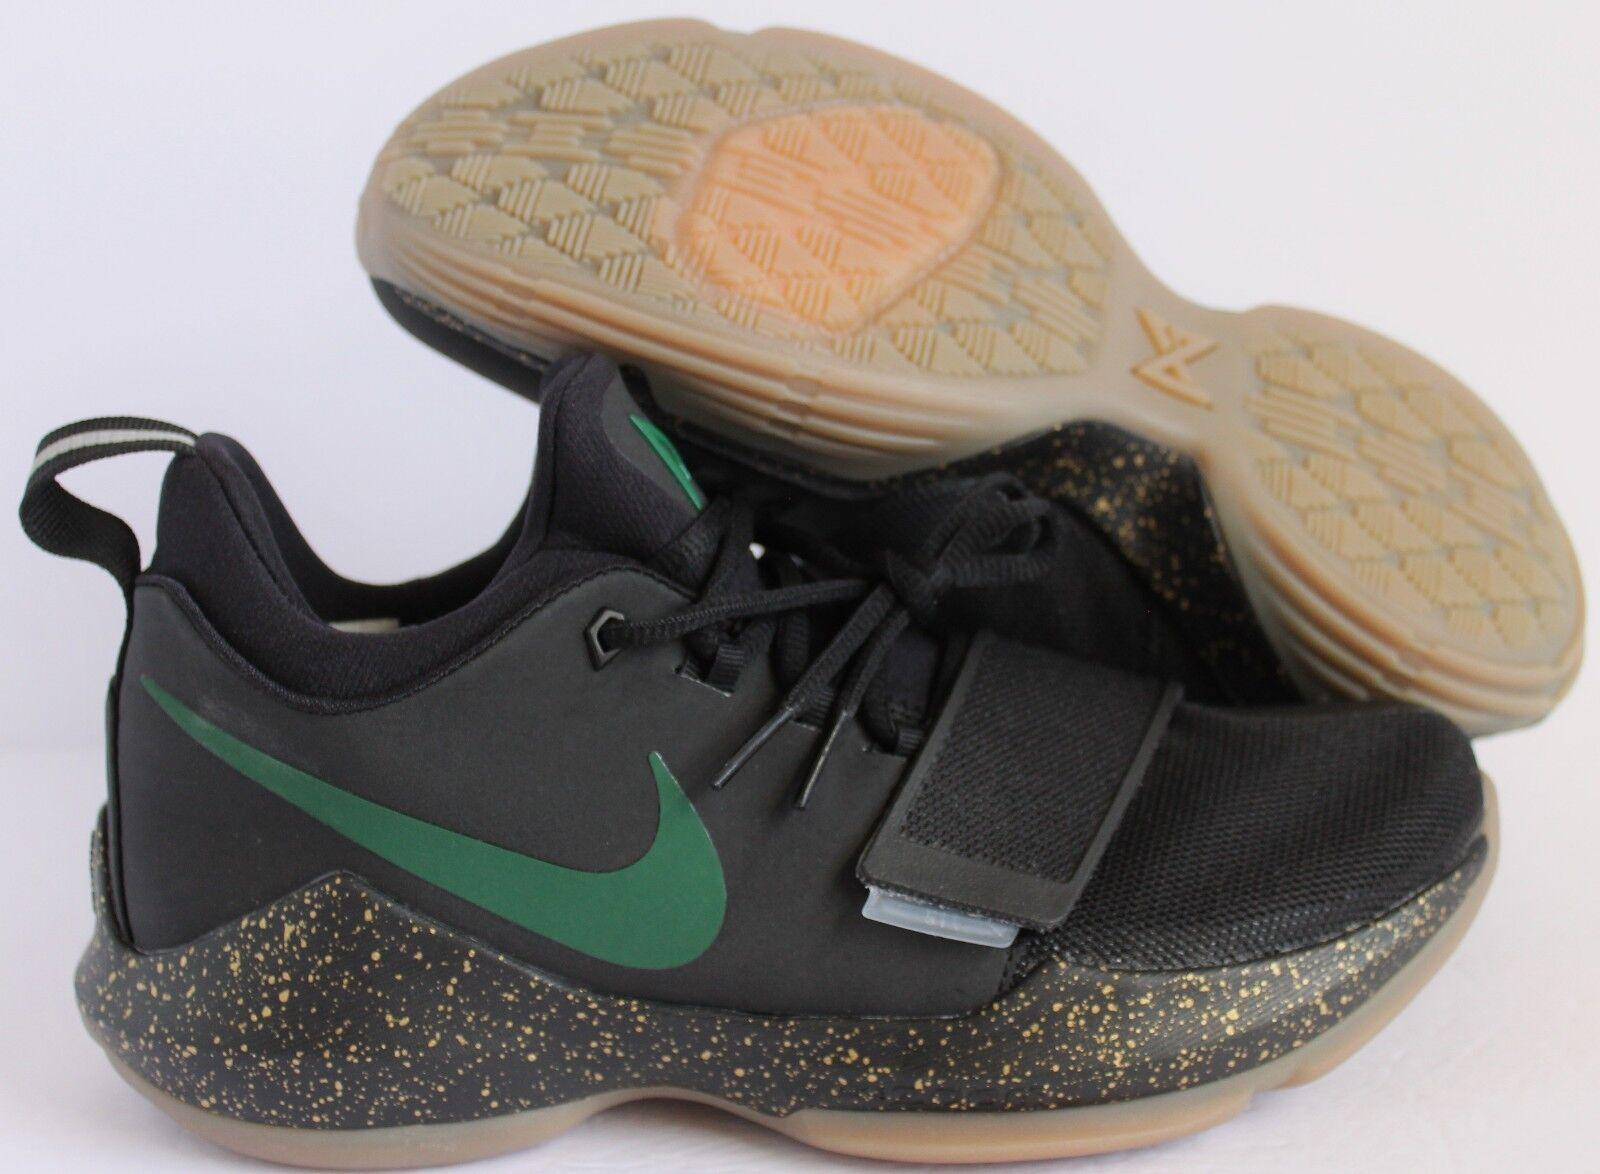 Nike PG 1 1 1 Paul George ID Black-Green-Gold-Gum SZ 7.5 ae04b6